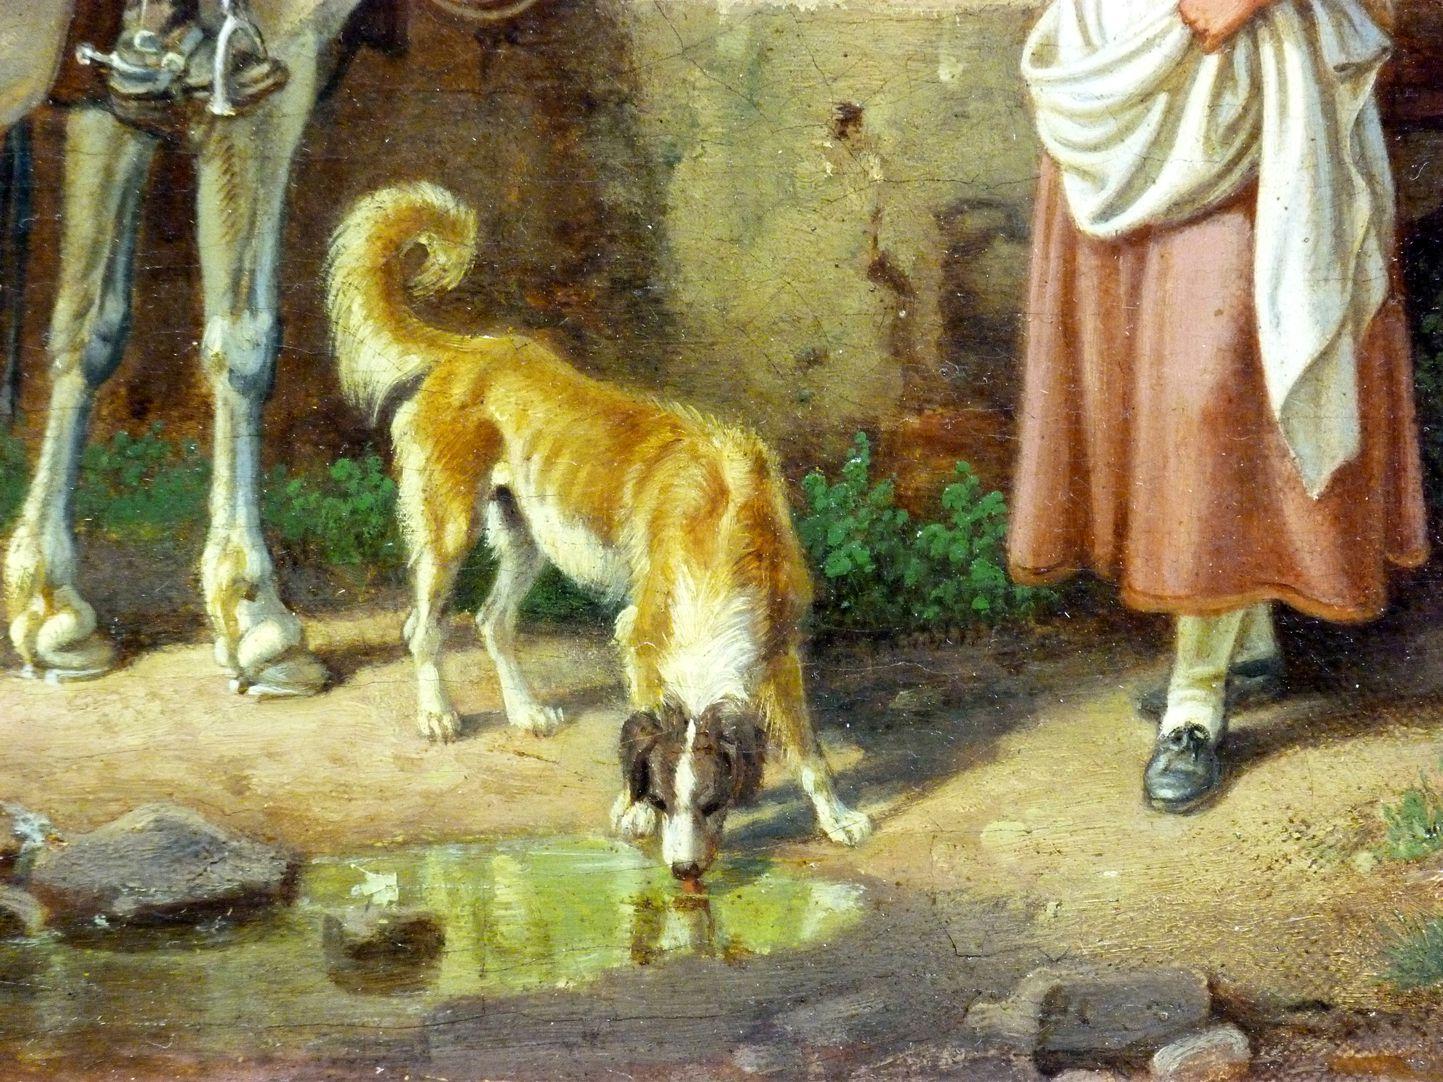 Römische Fuhrleute Detailansicht, Hund